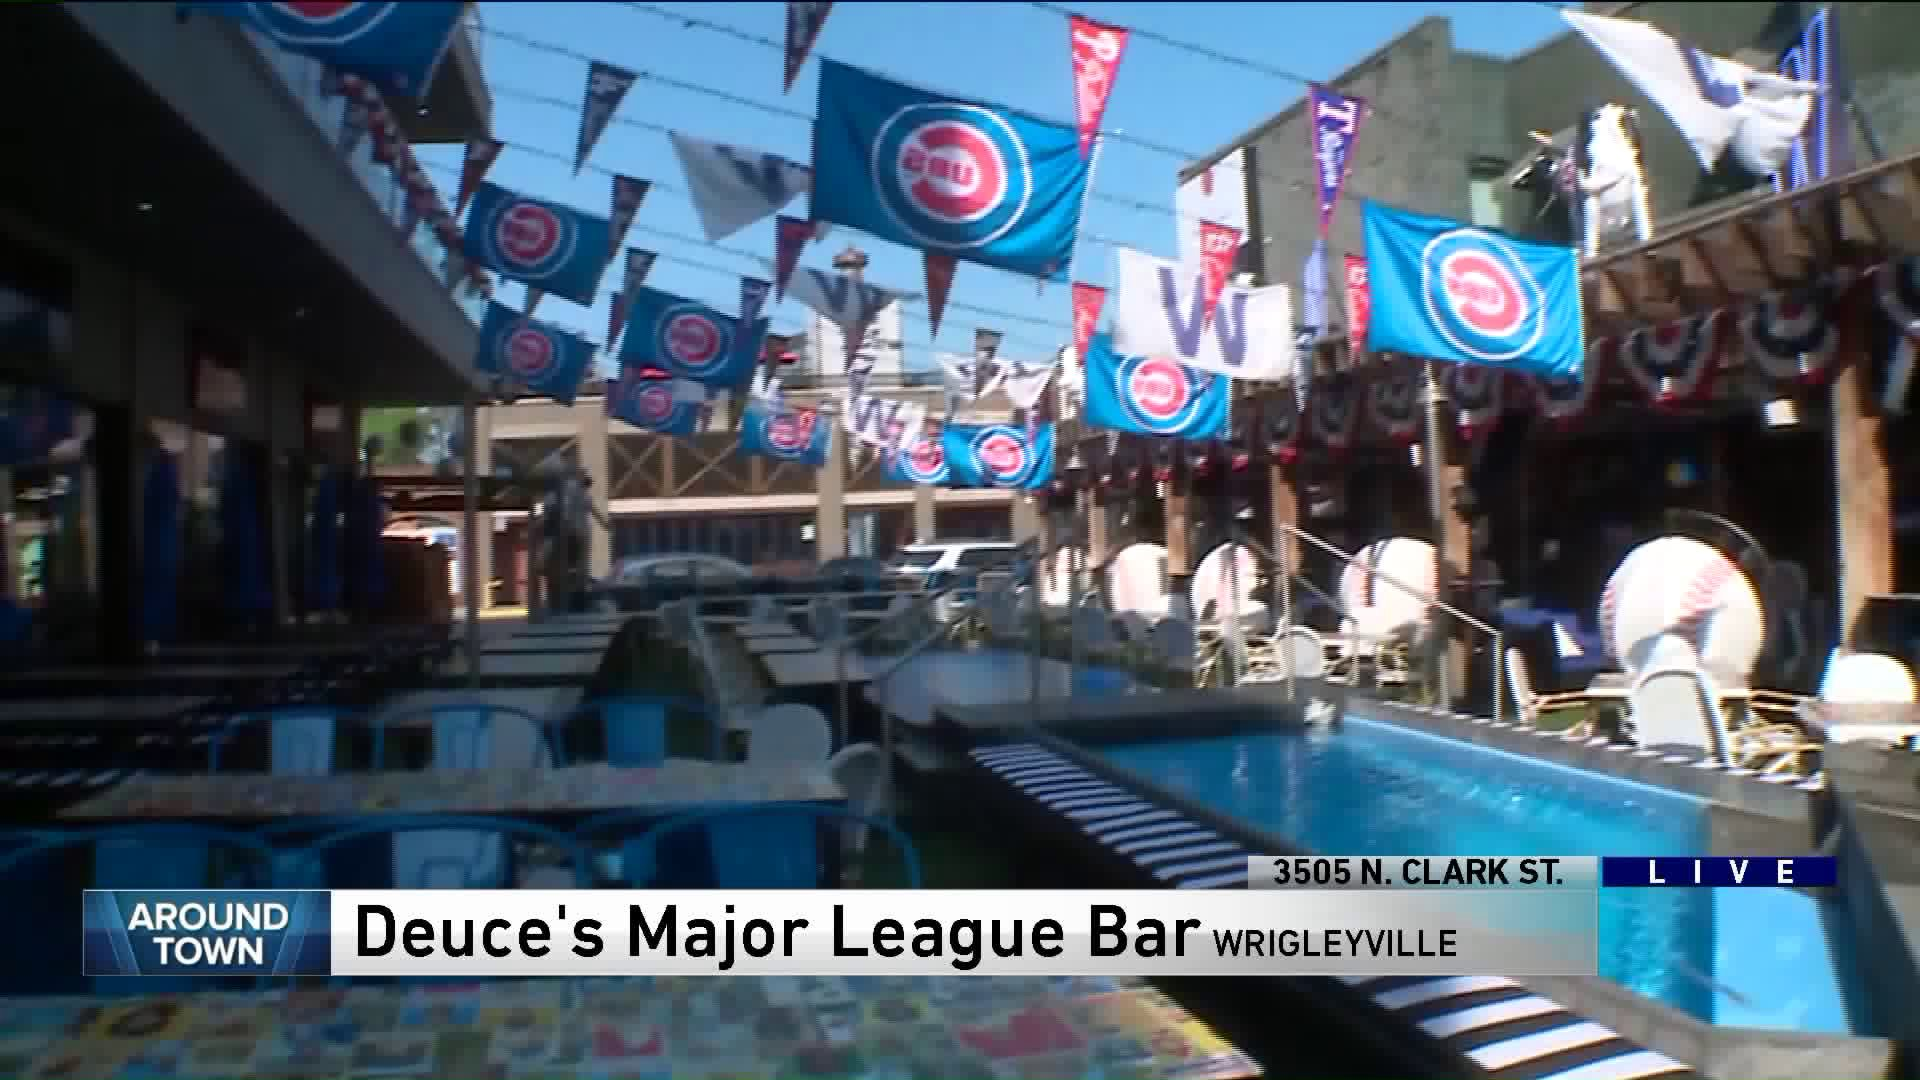 Around Town checks out Deuces Major League Bar